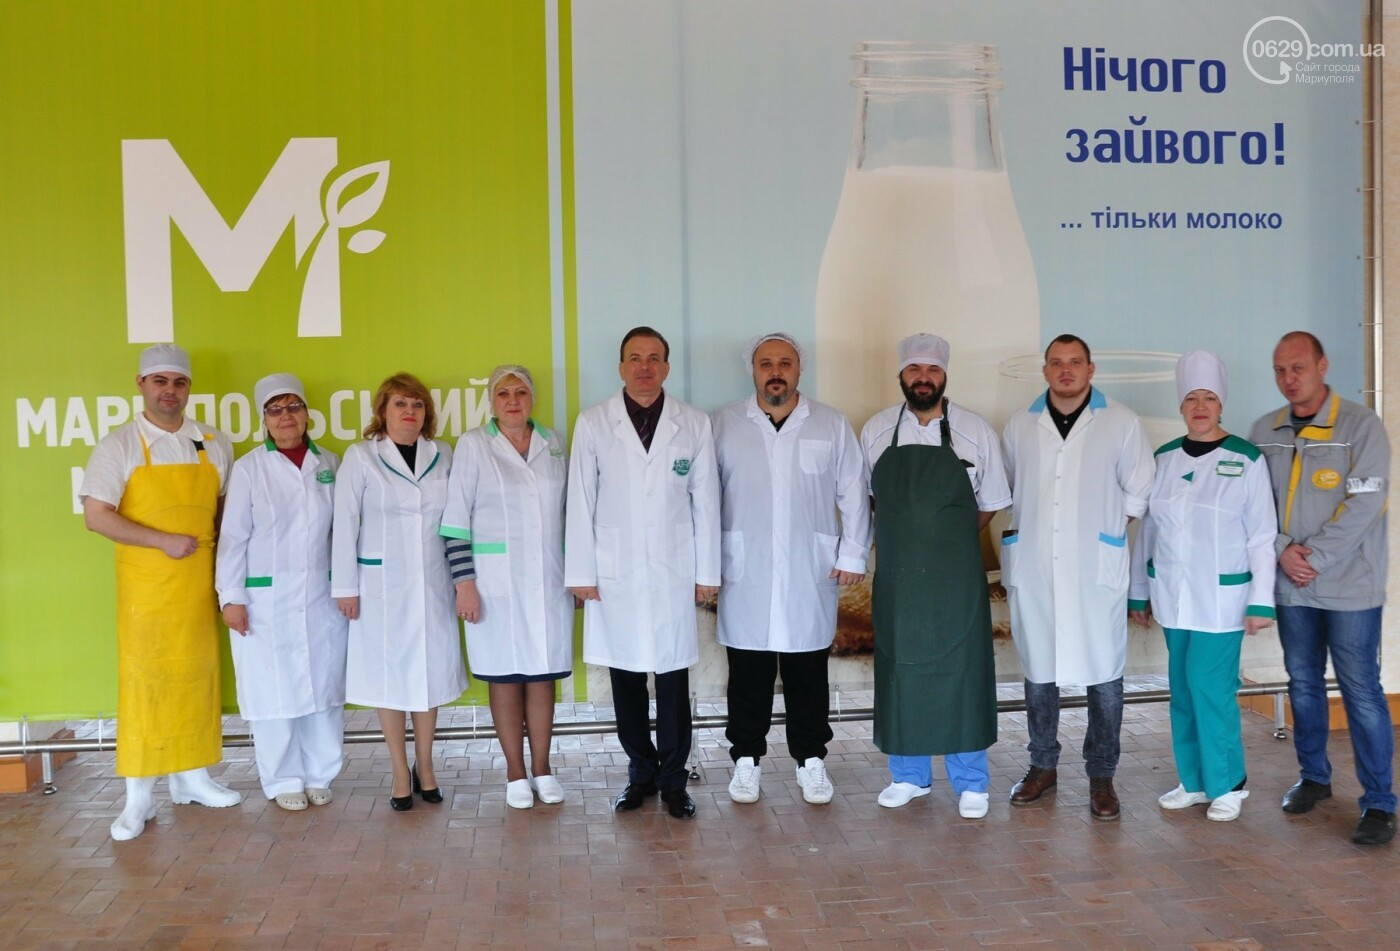 Юрий Тернавский: «Мариупольский молокозавод может напоить молоком каждого жителя Мариуполя и Приазовья», фото-89